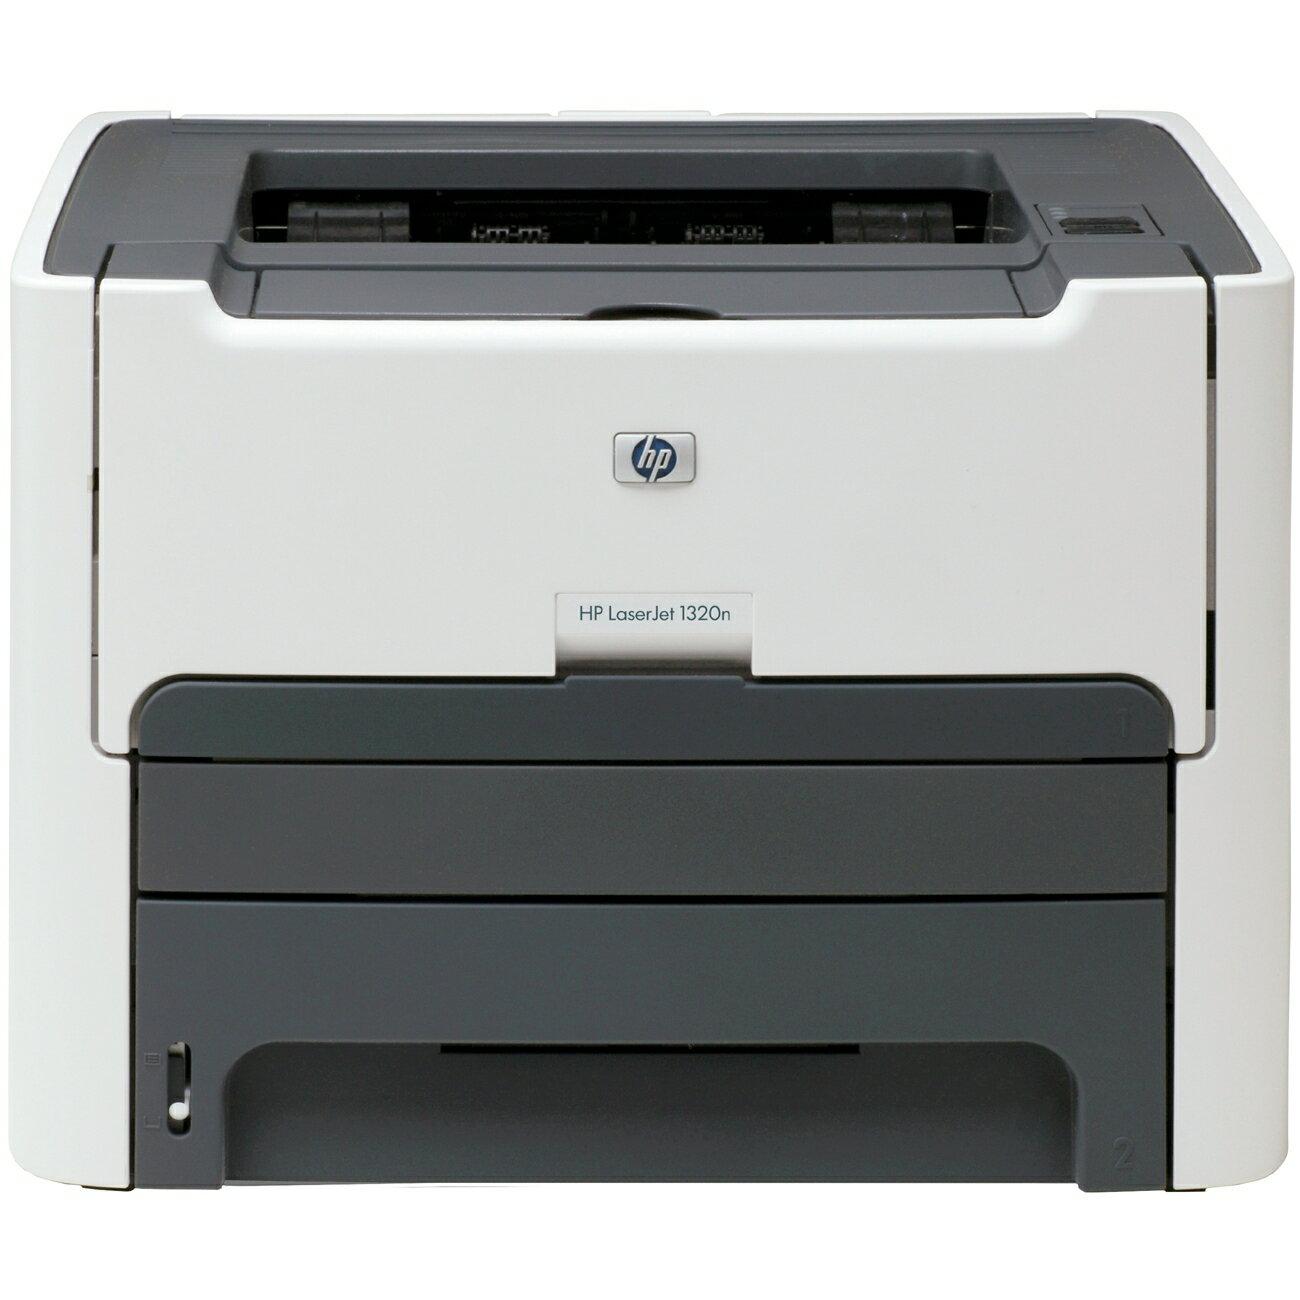 HP LaserJet 1320N Laser Printer - Monochrome - 1200 x 1200 dpi Print - Plain Paper Print - Desktop - 22 ppm Mono Print 0